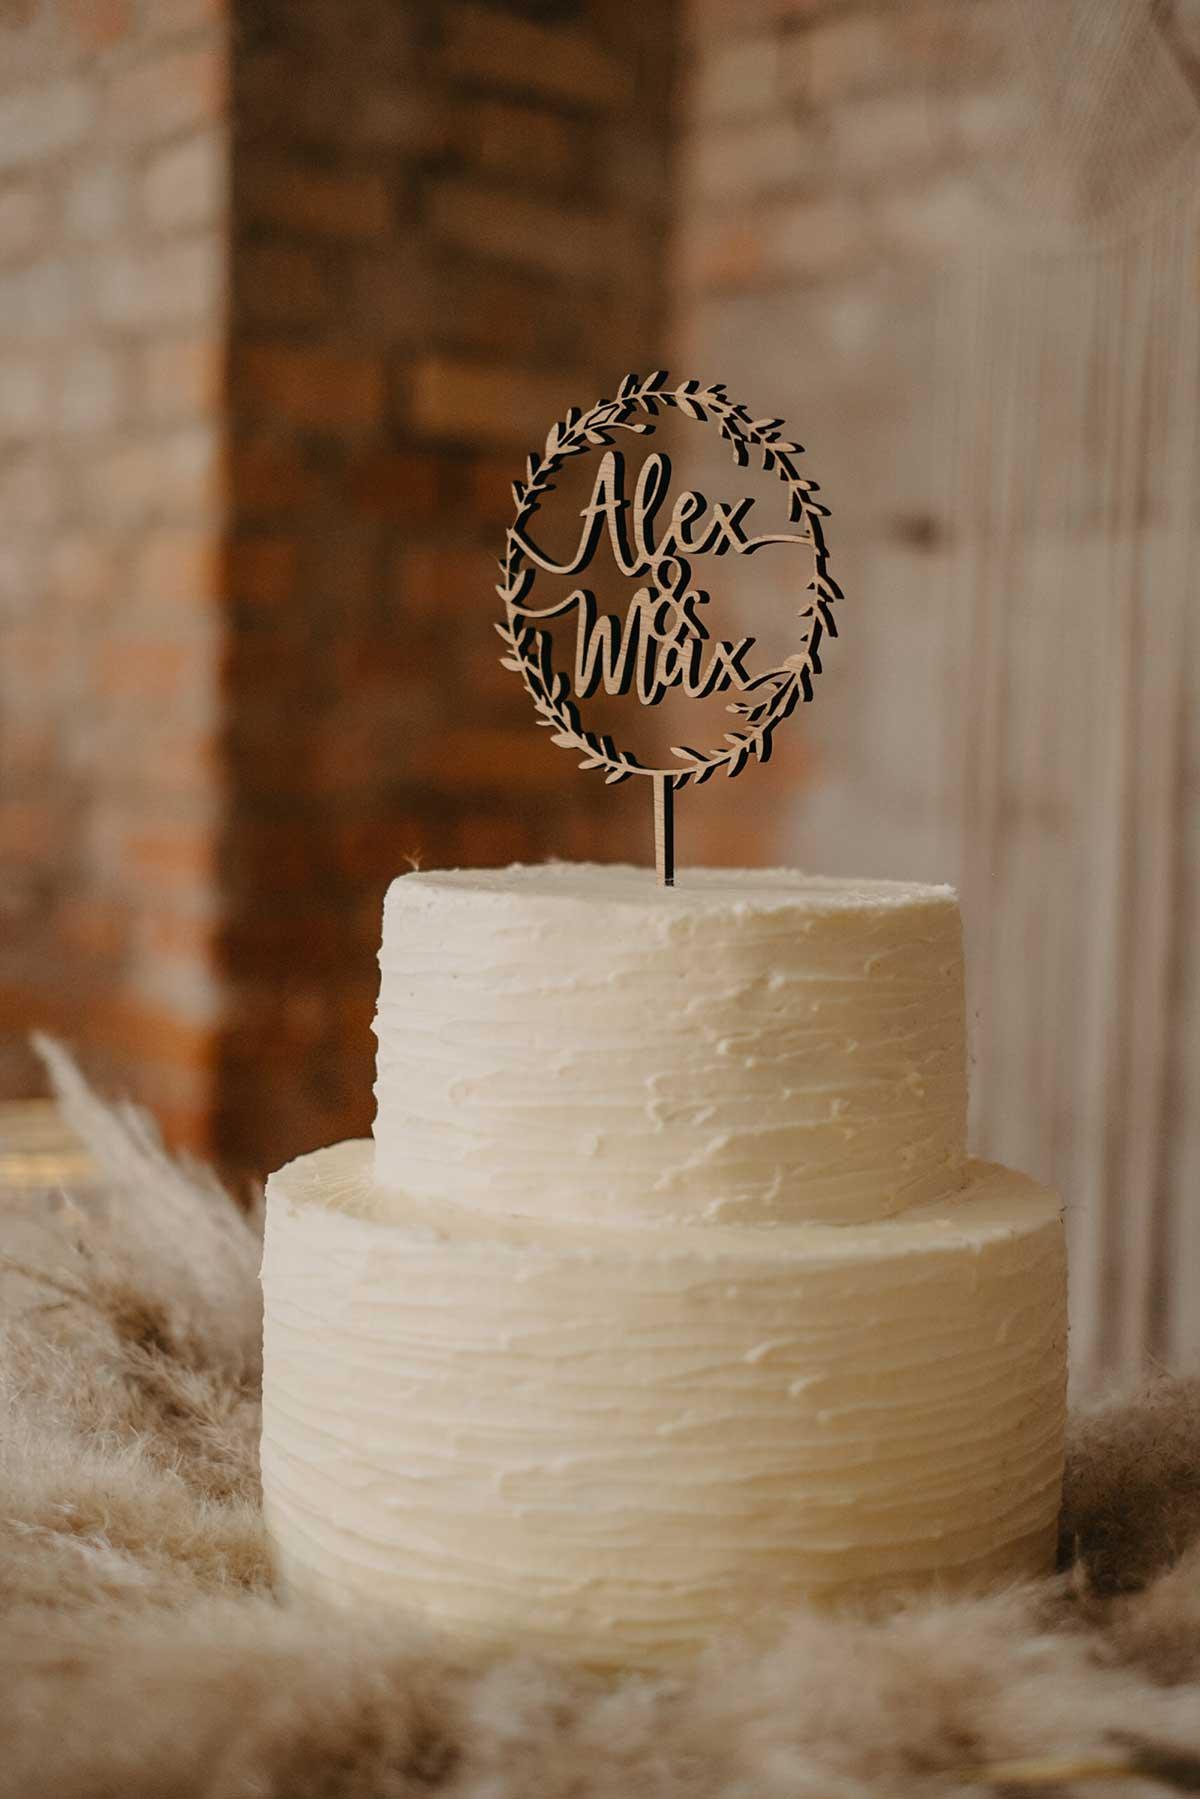 Hochzeitstorte in Weiß mit Caketopper aus Holz